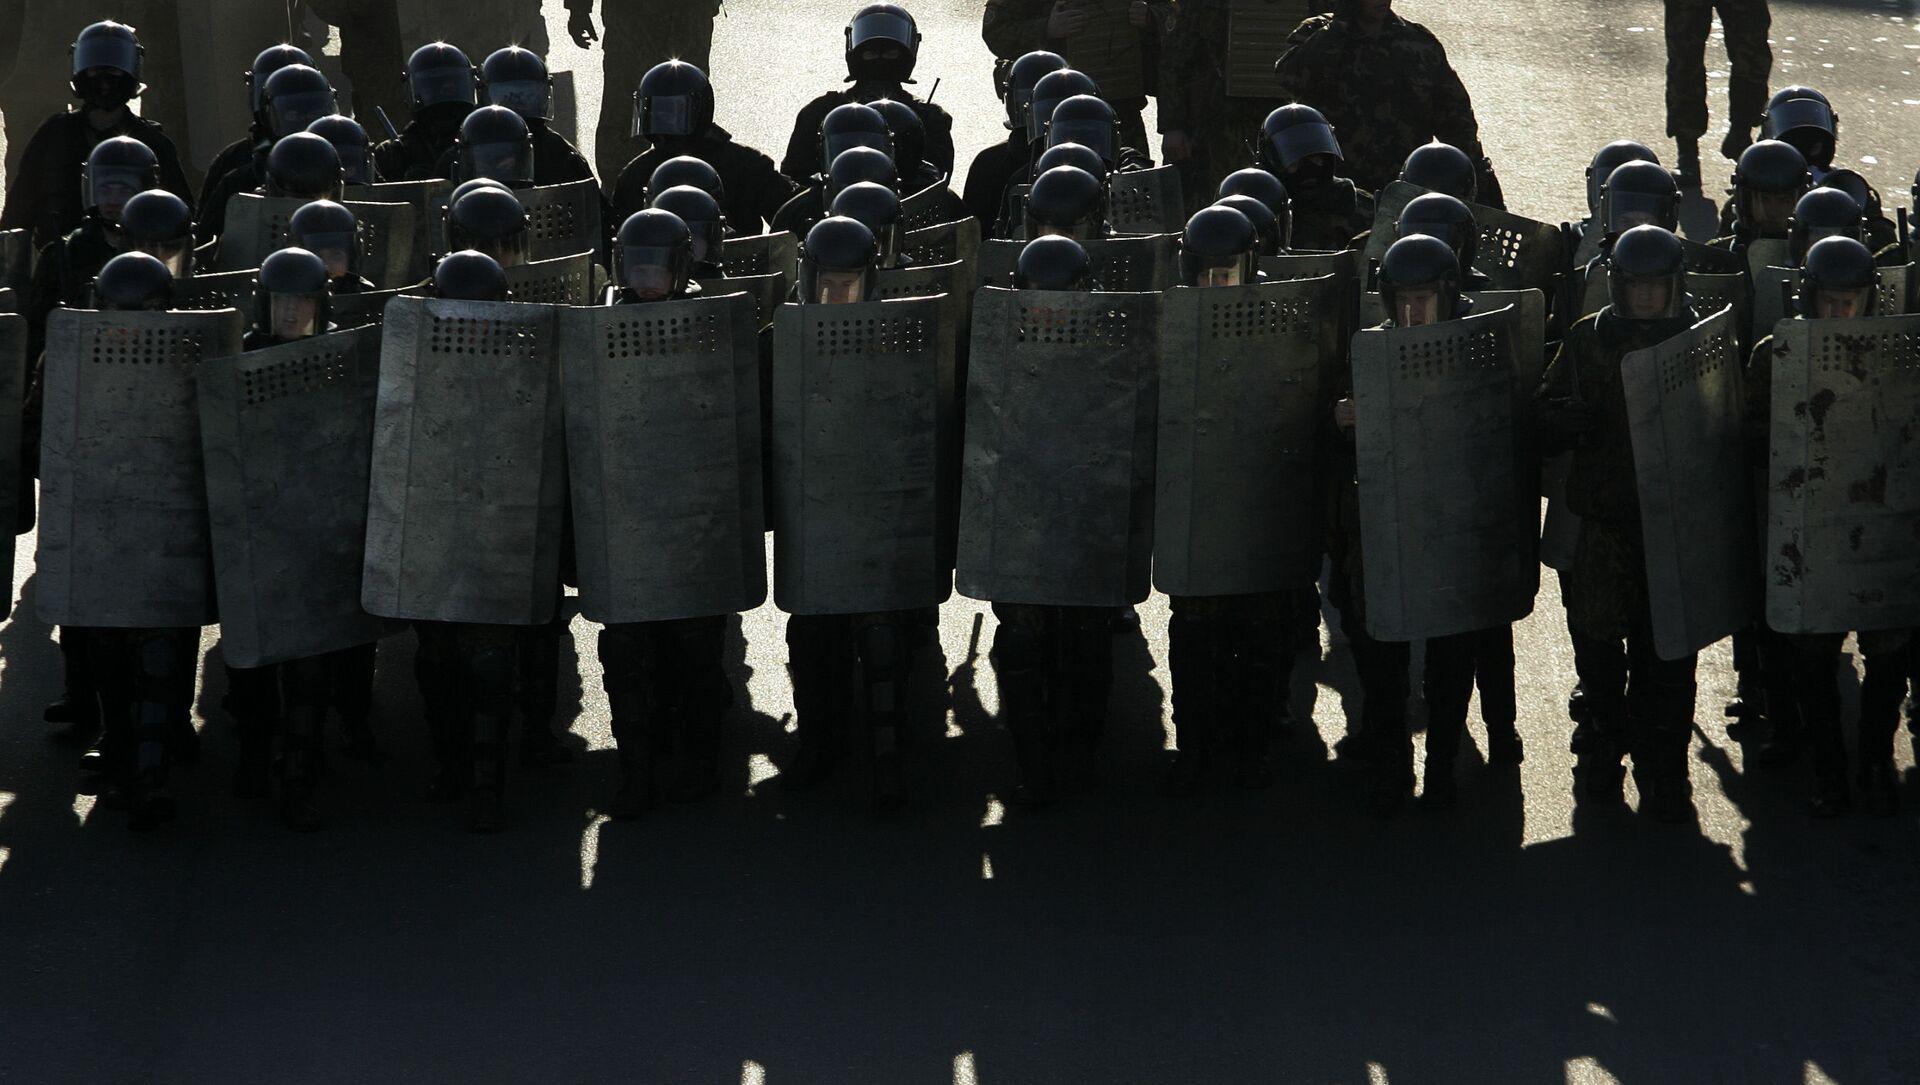 Białoruska policja podczas protestów - Sputnik Polska, 1920, 17.05.2021